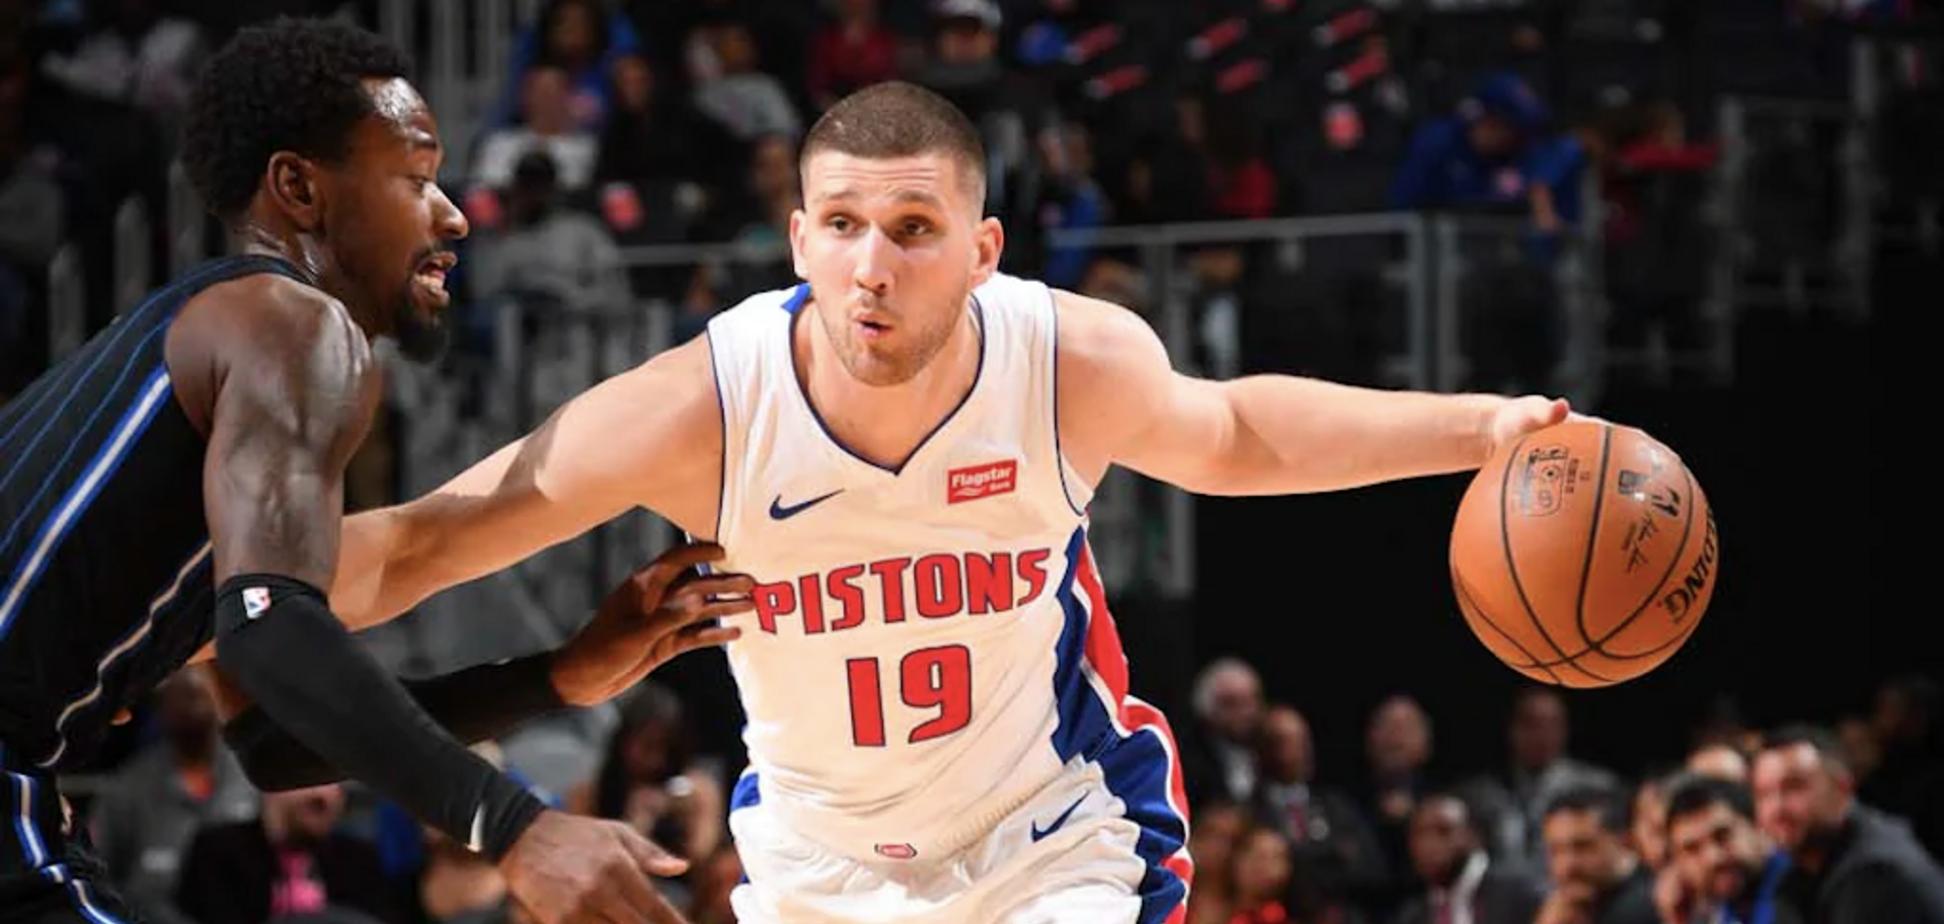 Українець Михайлюк розповів про ситуацію з коронавірусом у НБА